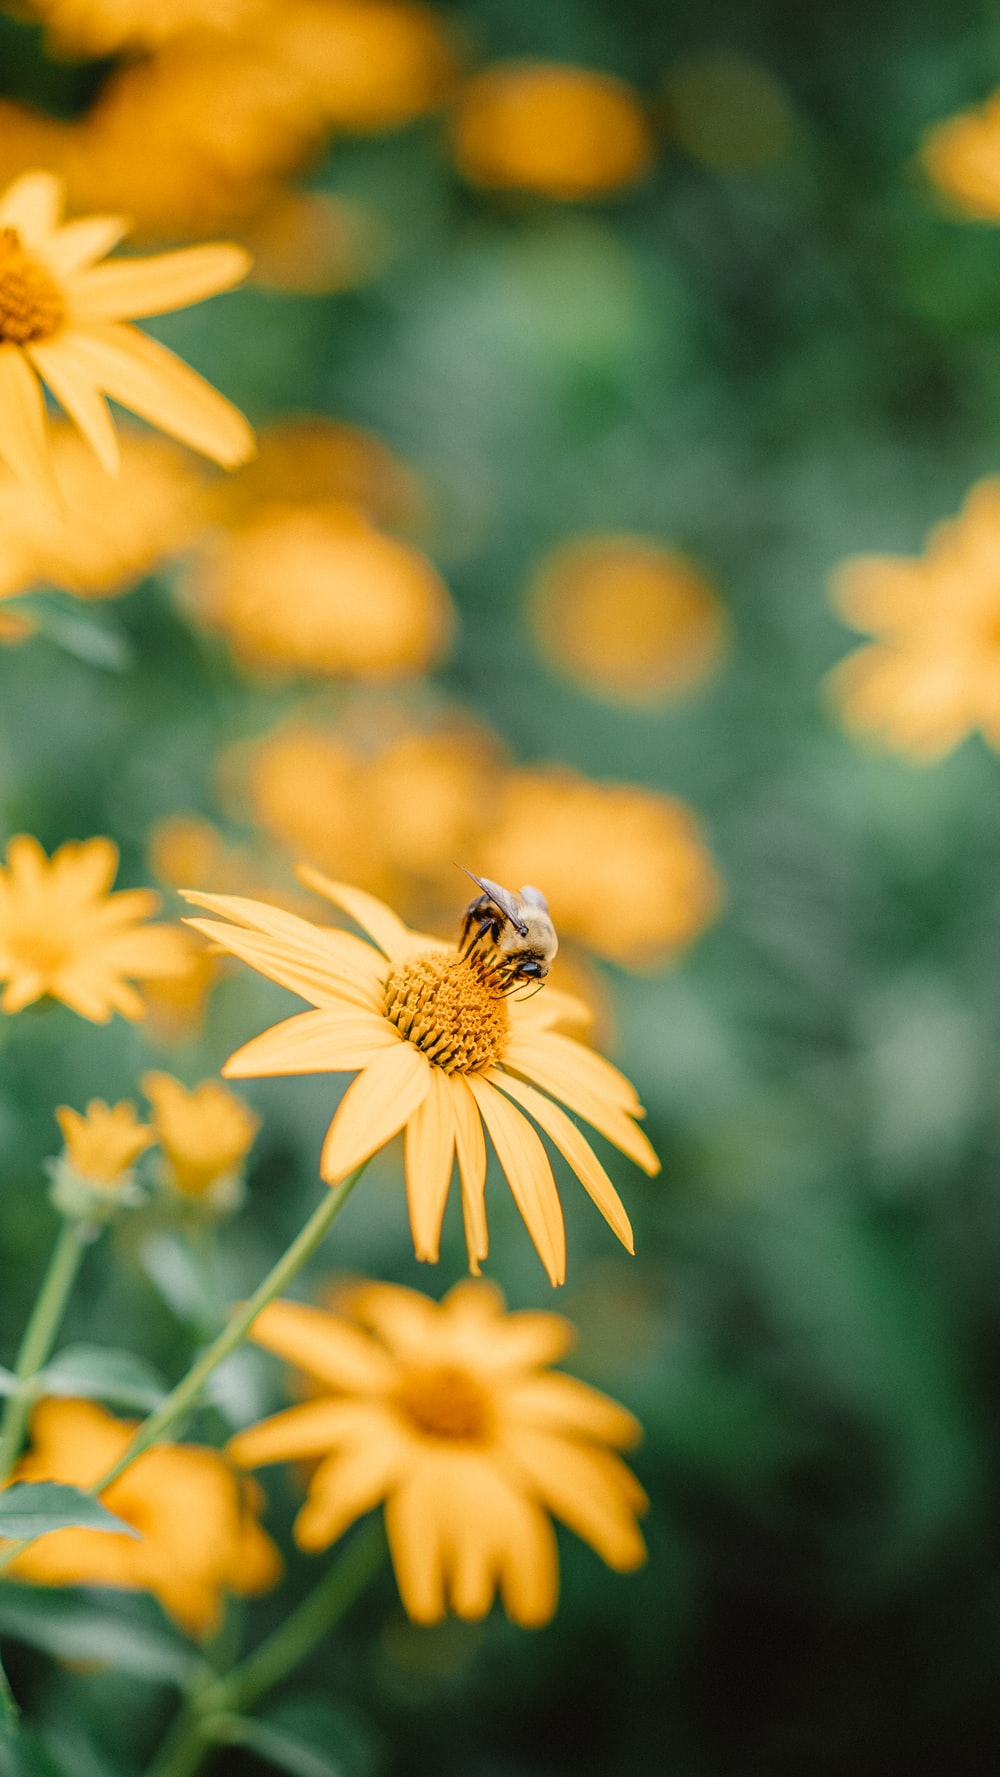 bee on yellow flower in tilt shift lens